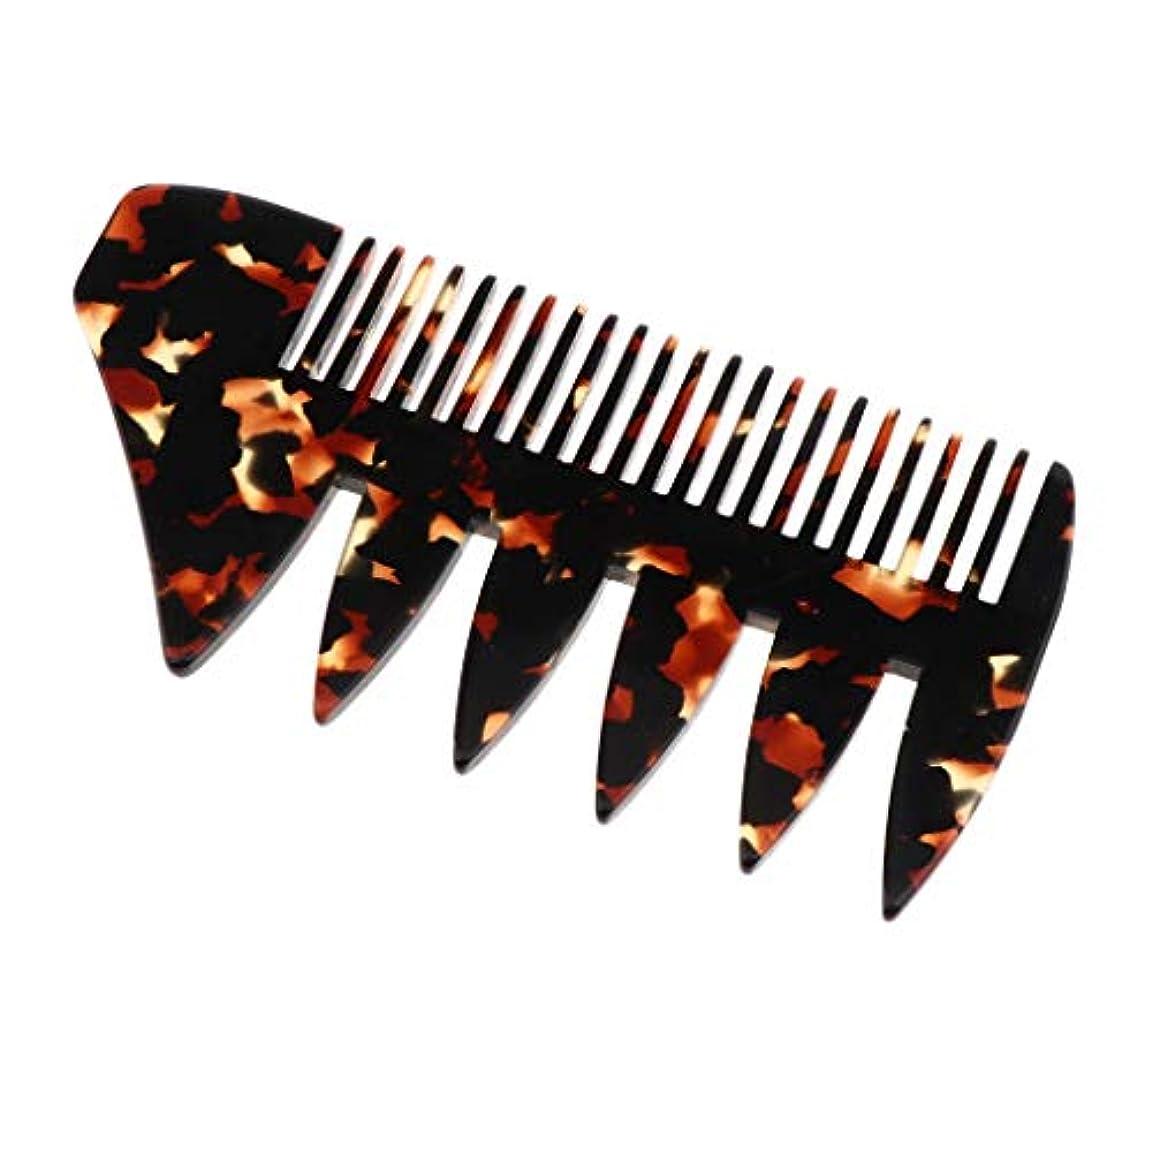 王子軍団草全4色選択 ヘアコーム ヘアブラシ 頭皮マッサージ 広い歯 木製櫛 帯電防止 - 黒